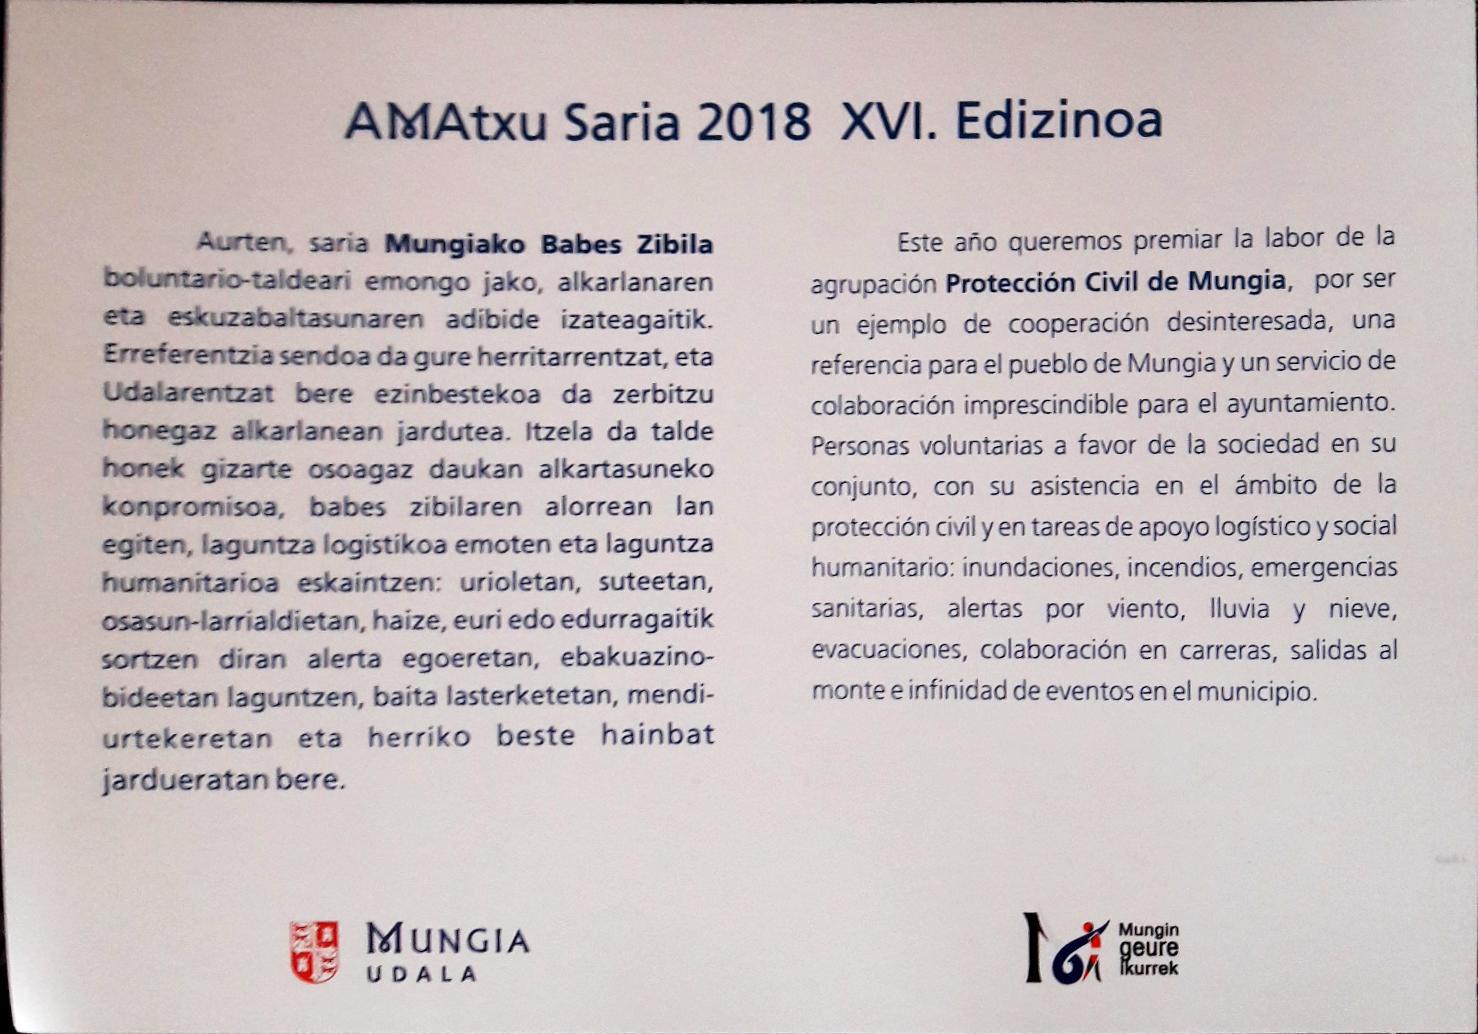 Mungia AMAtxu saria 2018